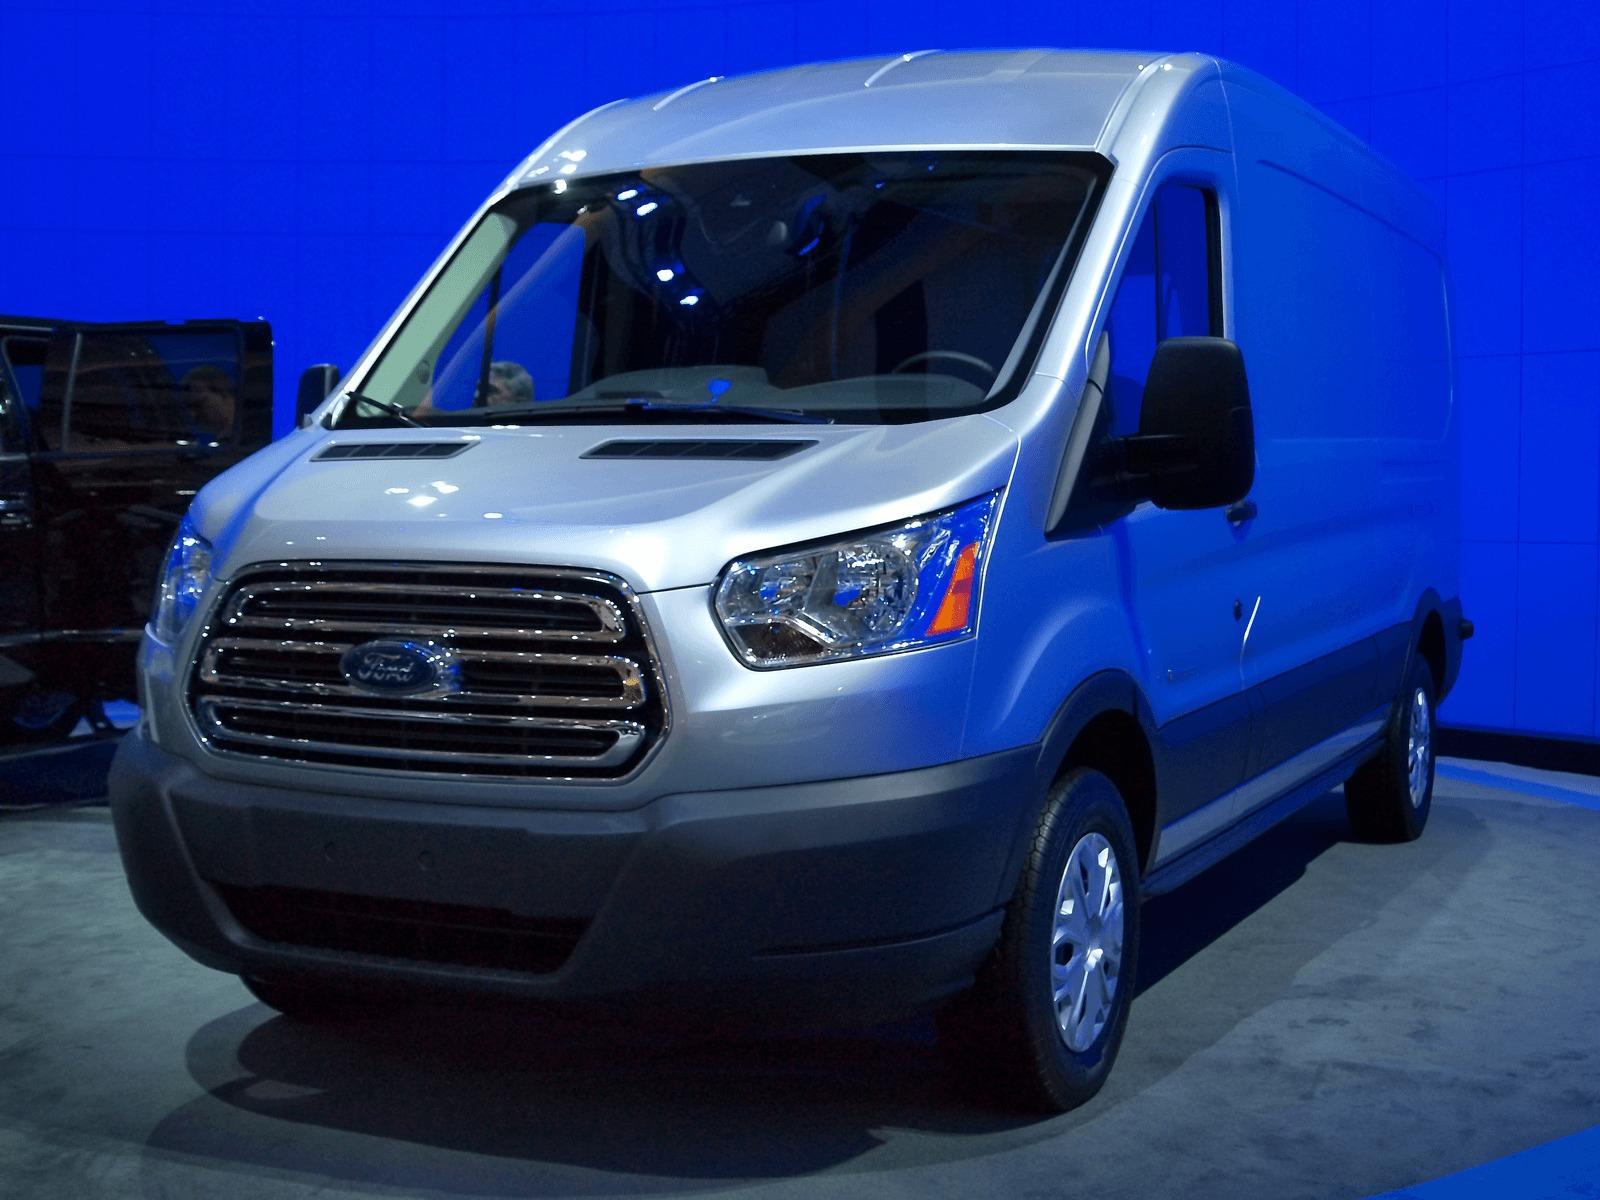 How to Keep Your Van's Depreciation Down